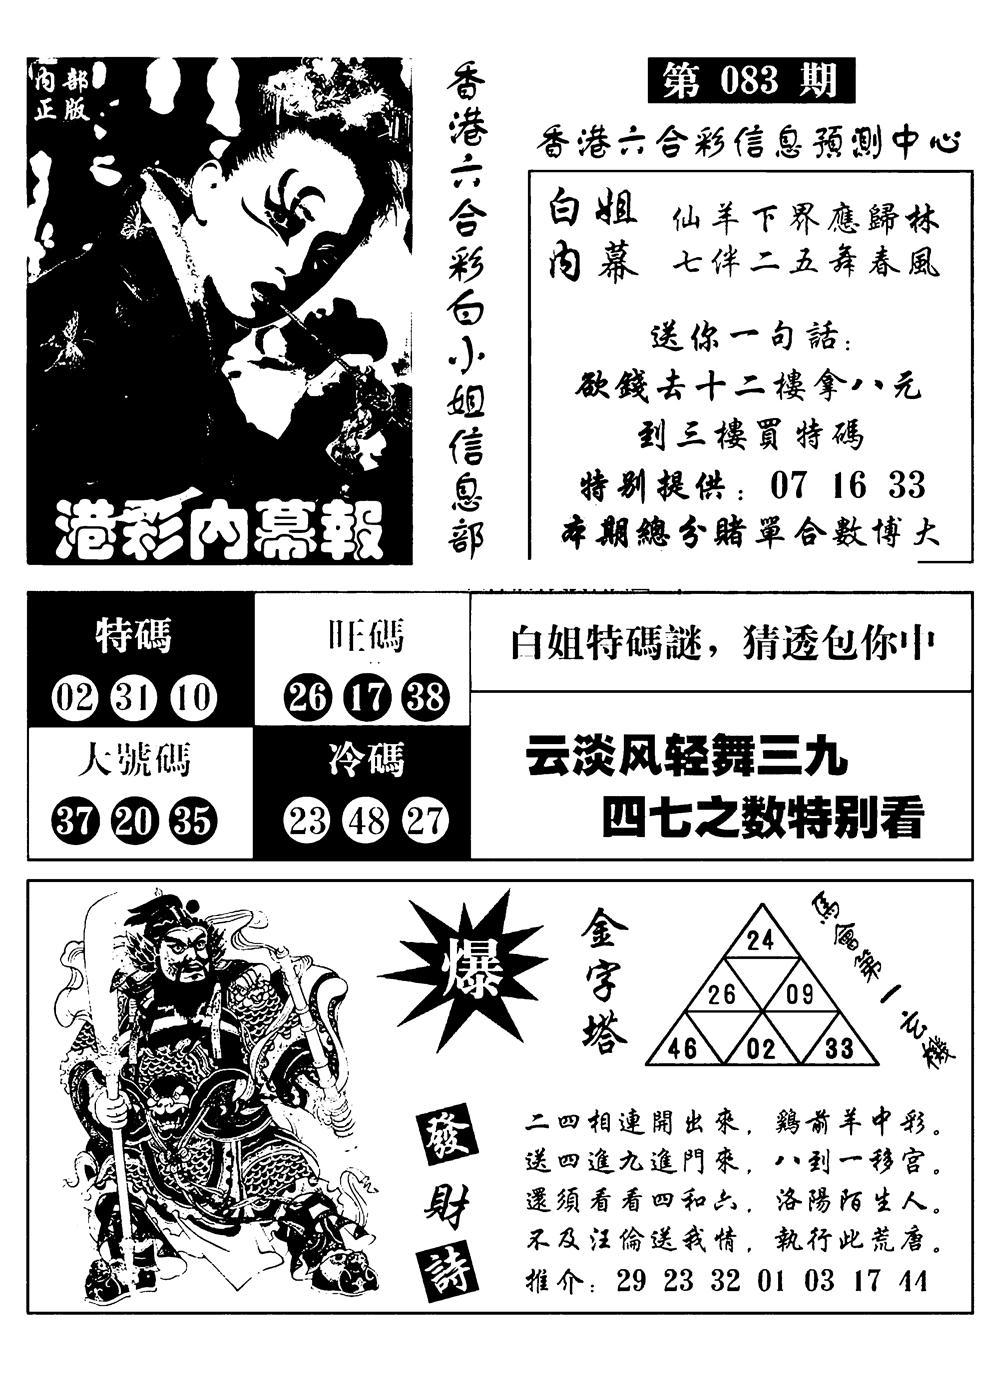 083期港彩内幕报(黑白)